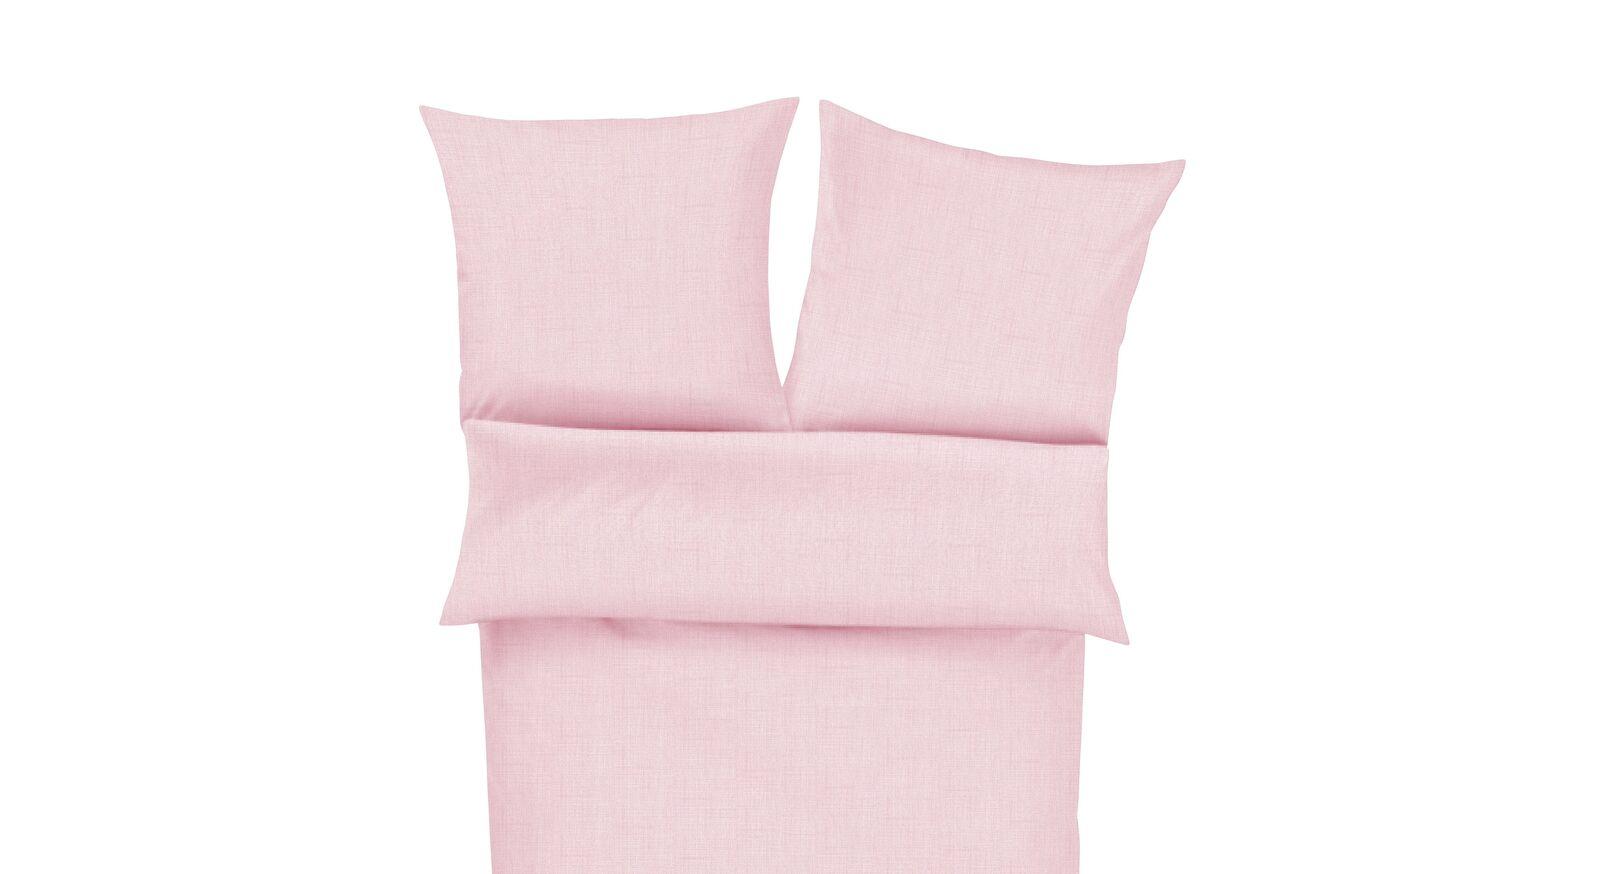 Sommer-Winter-Bettdecke Uni in großer Farbauswahl